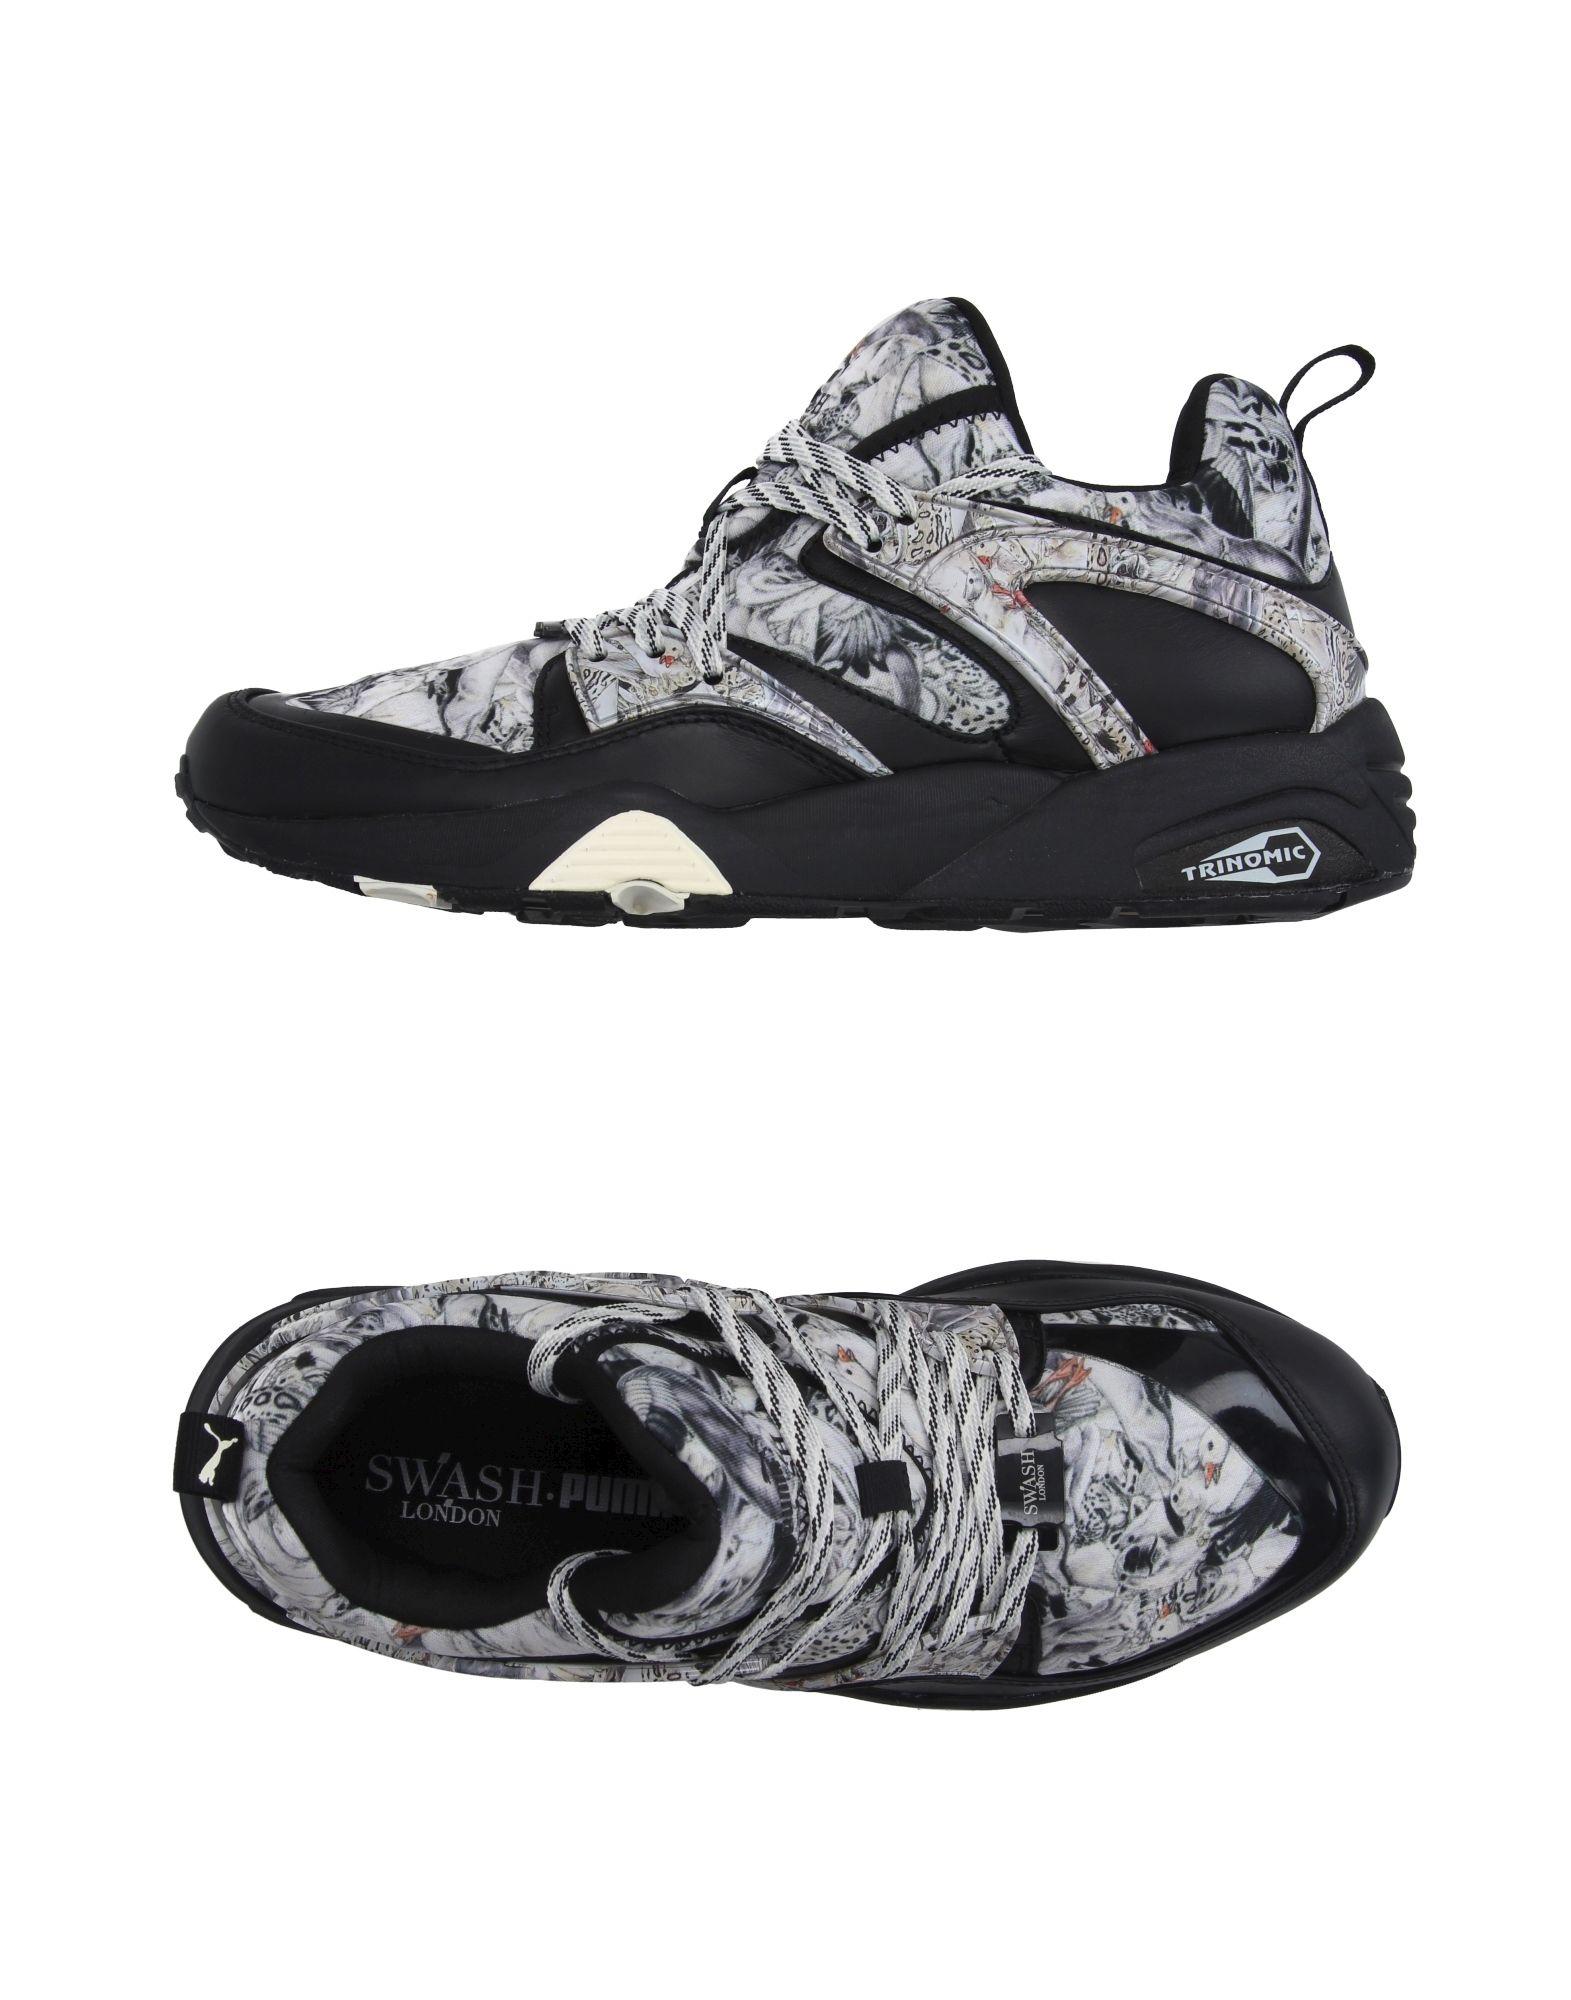 Swash London X Puma Sneakers - Men